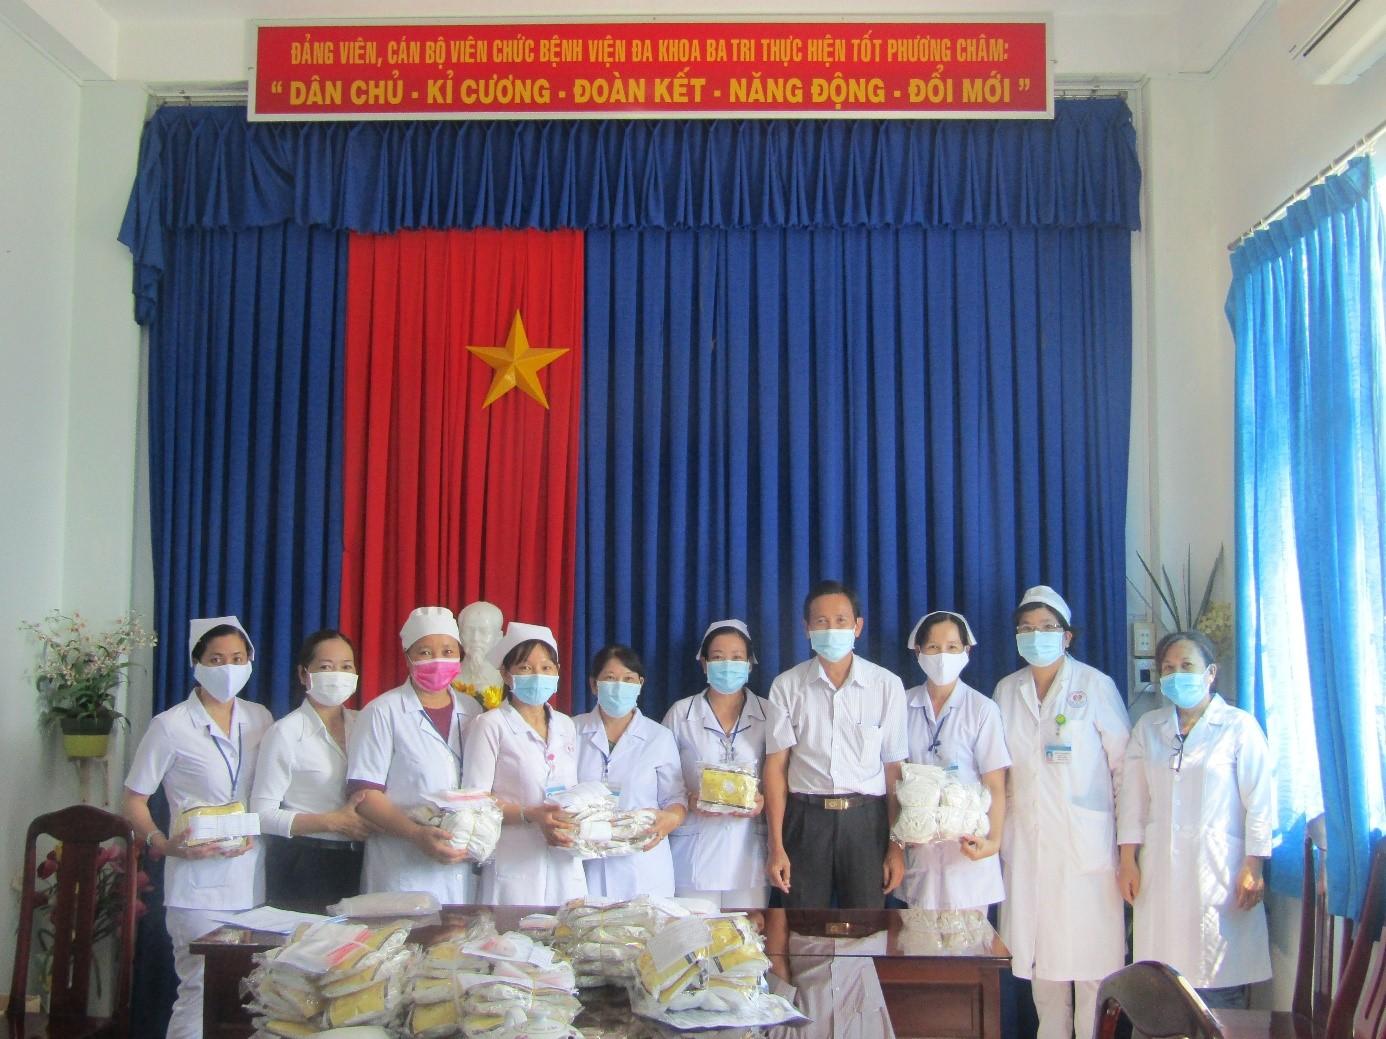 Công đoàn cơ sở Bệnh viện Đa khoa khu vực Ba Tri tổ chức các biện pháp phòng chống dịch Covid-19